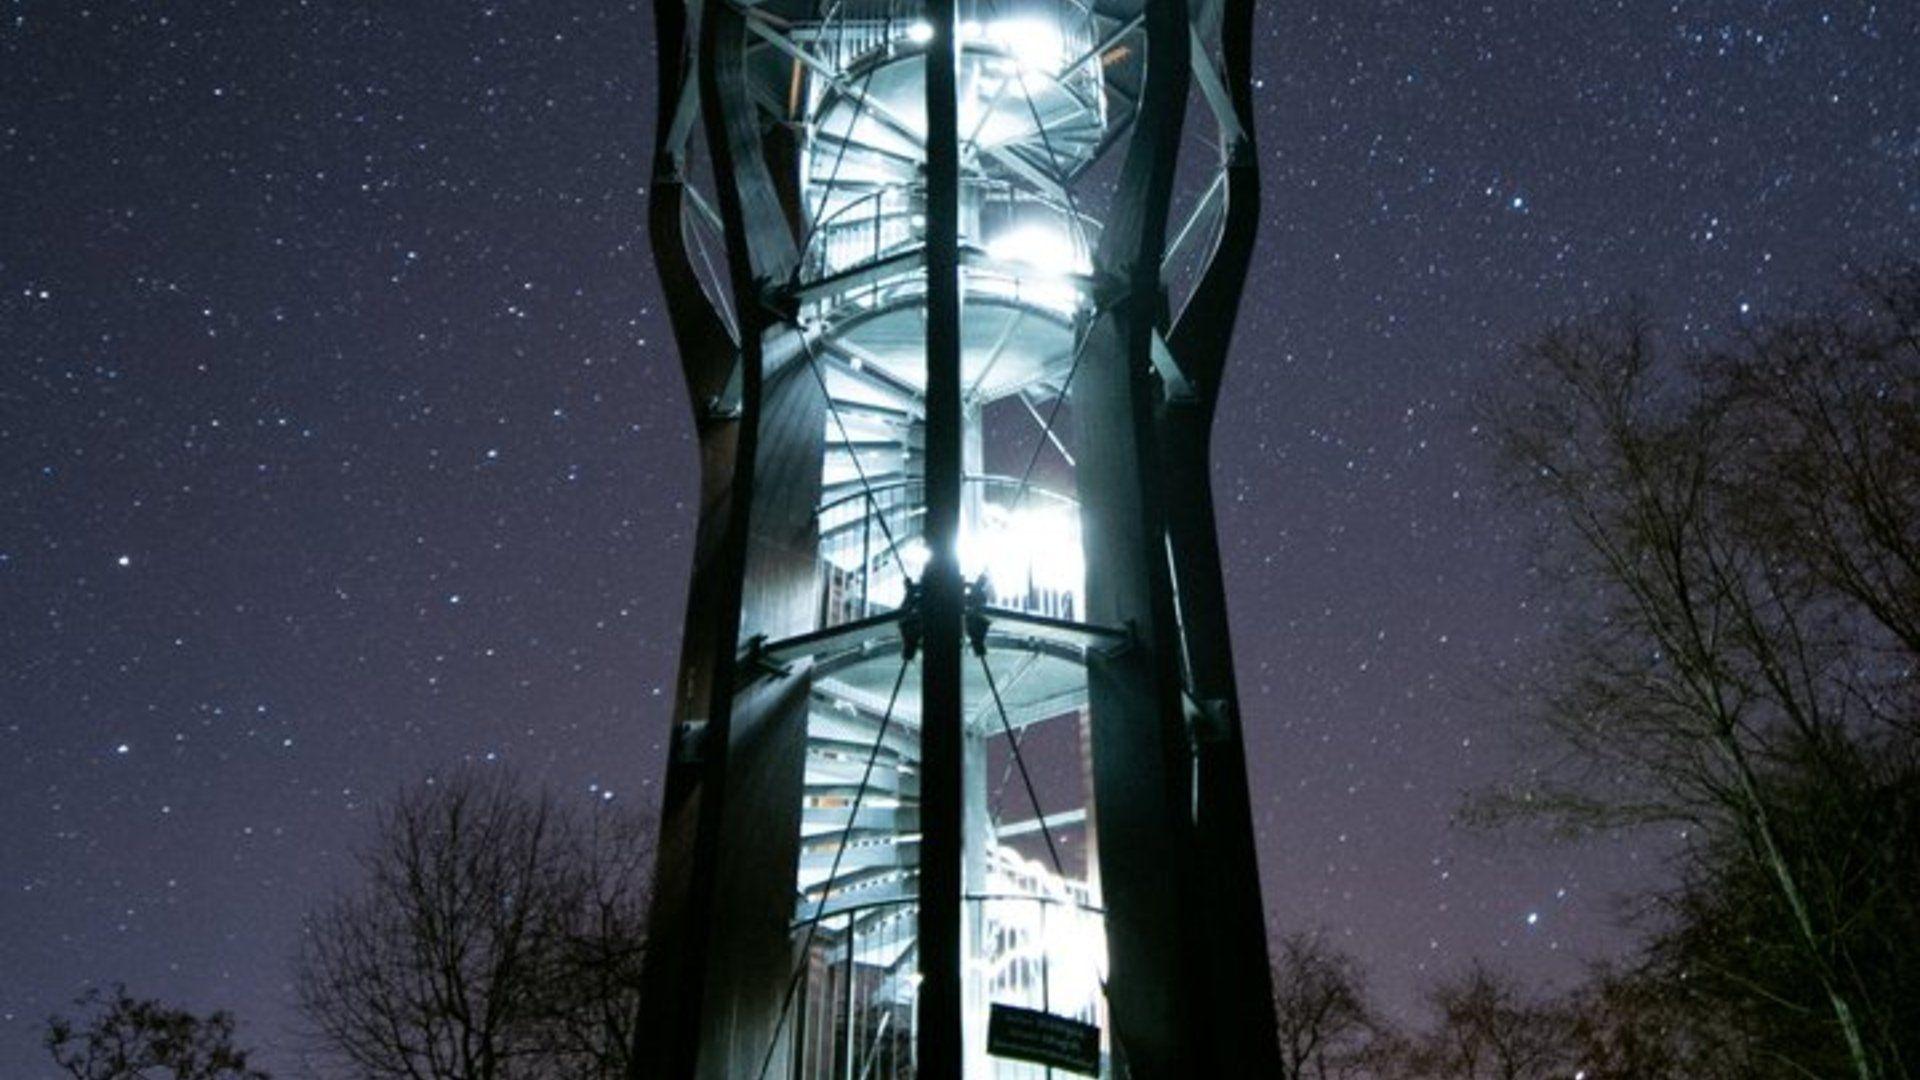 Jurakalnio apžvalgos bokštas